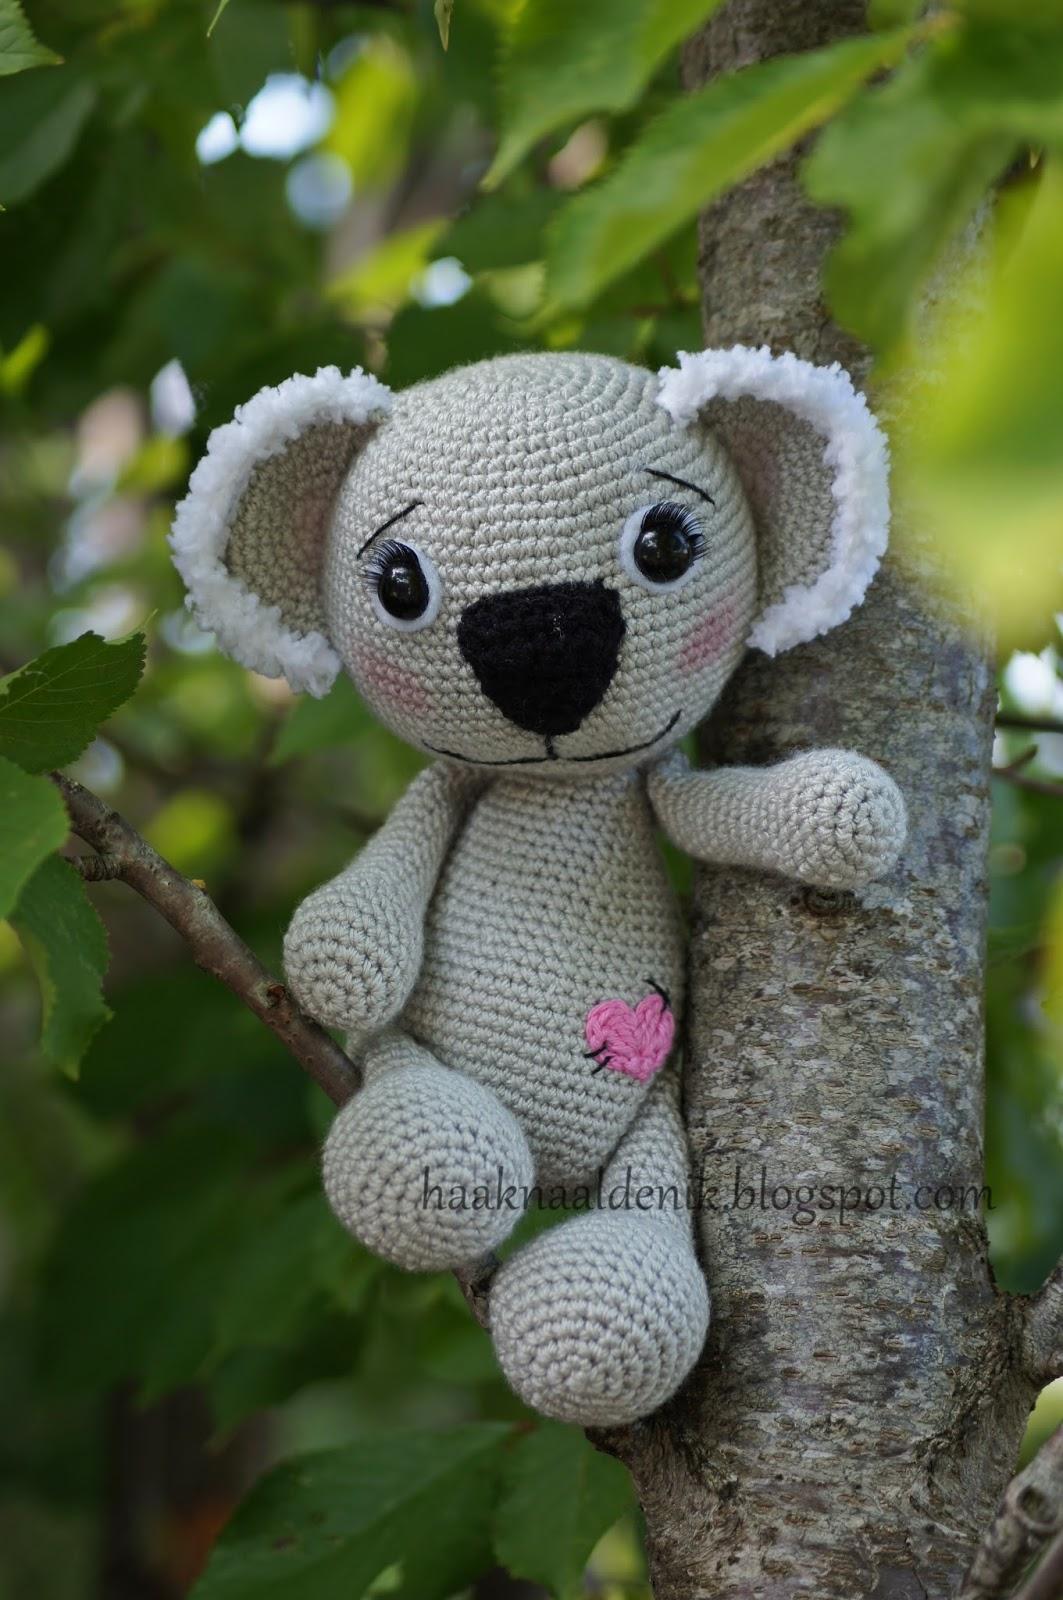 Avontuur Met Een Haaknaaldgehaakte Knuffels En Nog Meer Koala